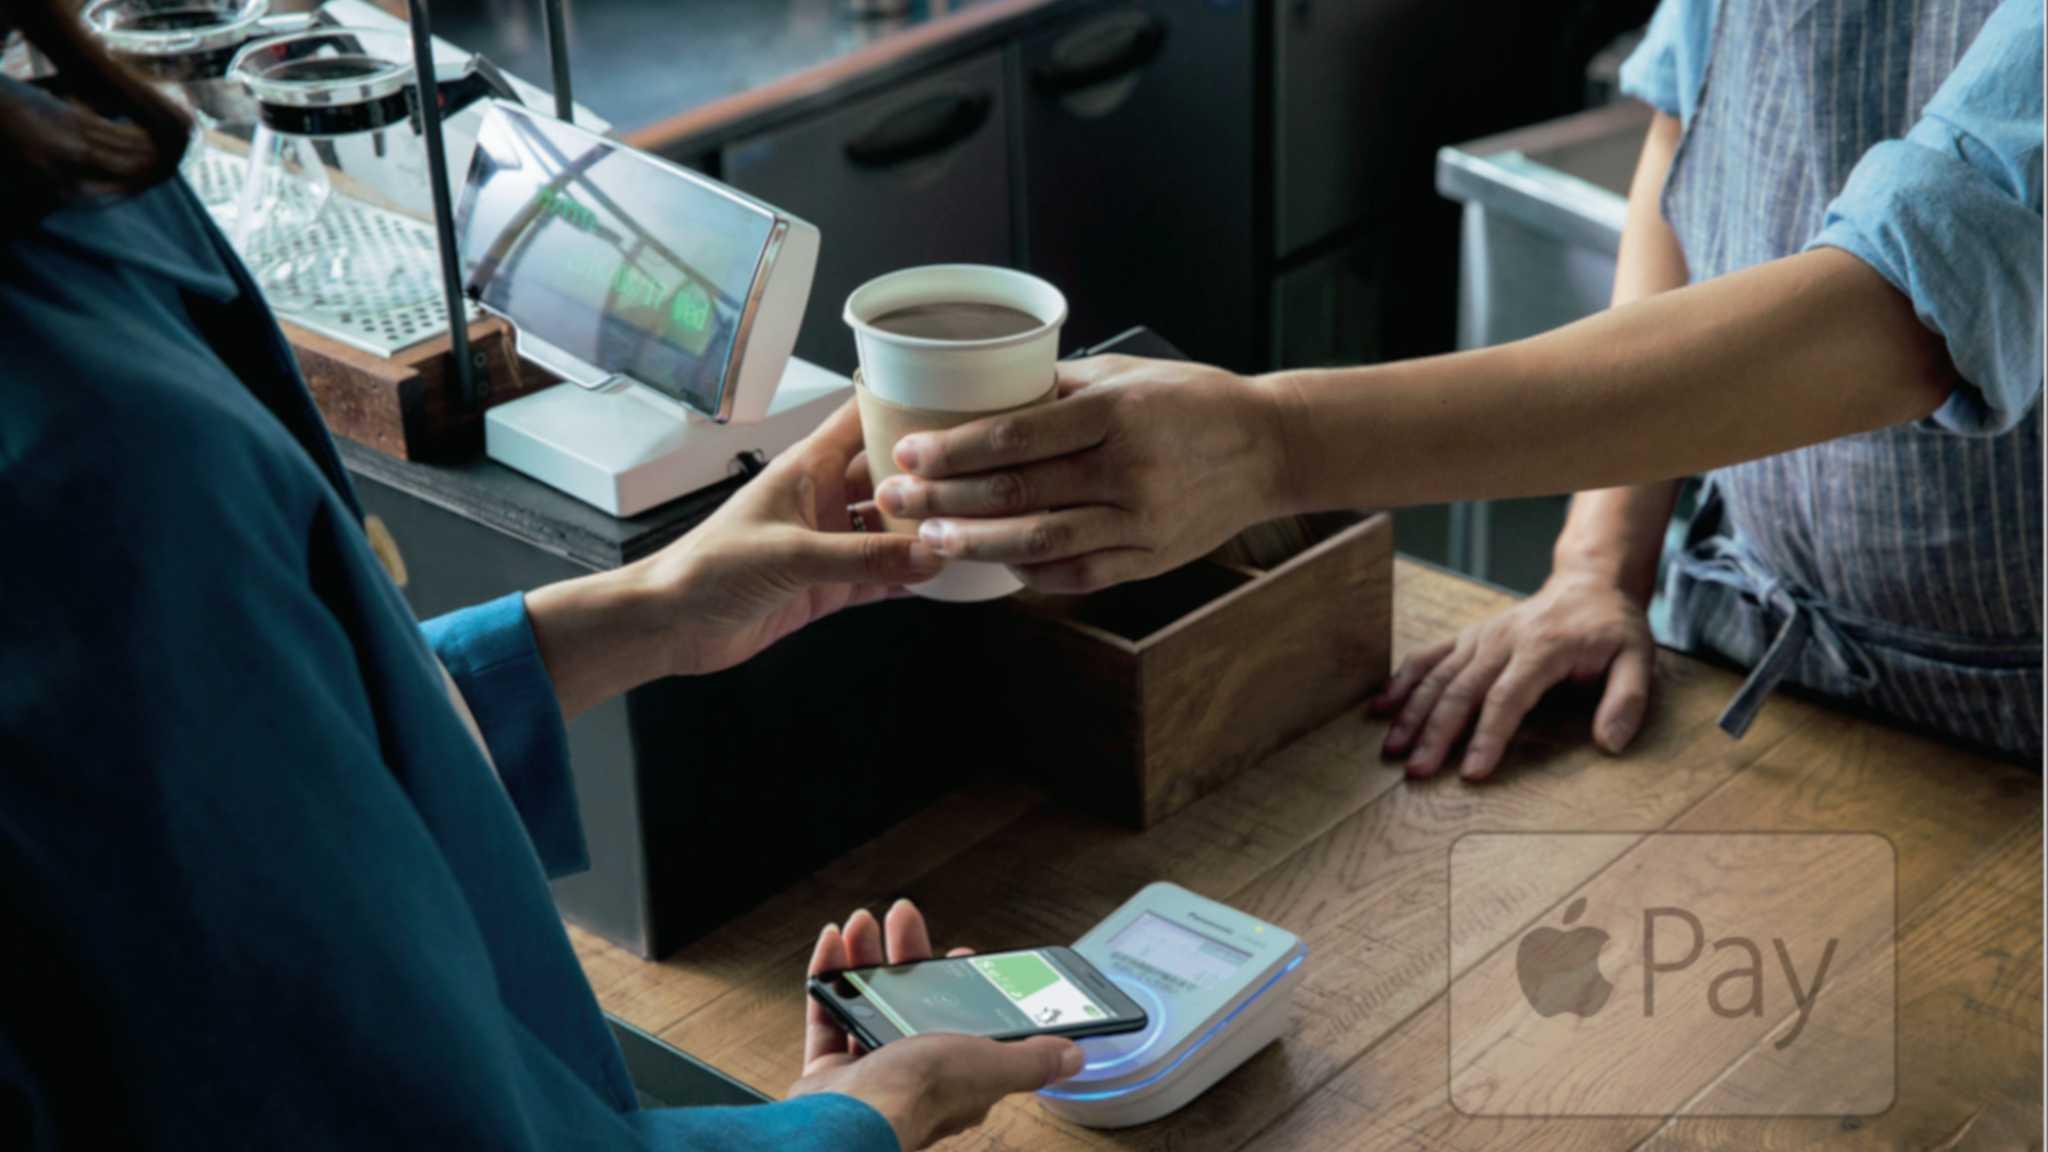 Mobiles Bezahlen: Sparkassen wollen iPhone-NFC aber kein Apple Pay